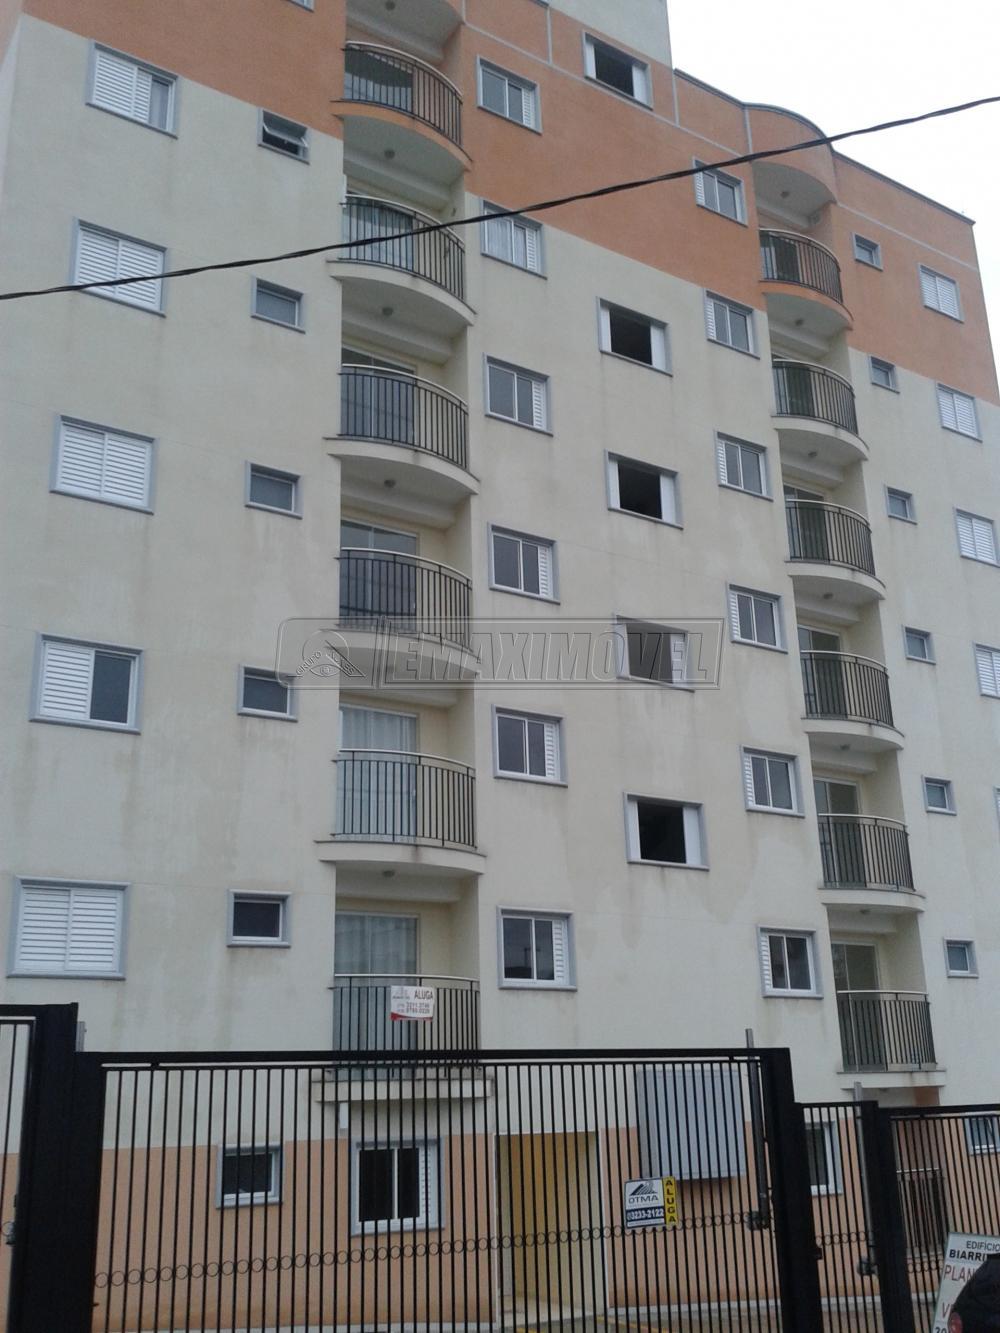 Comprar Apartamentos / Cobertura em Sorocaba apenas R$ 226.000,00 - Foto 2